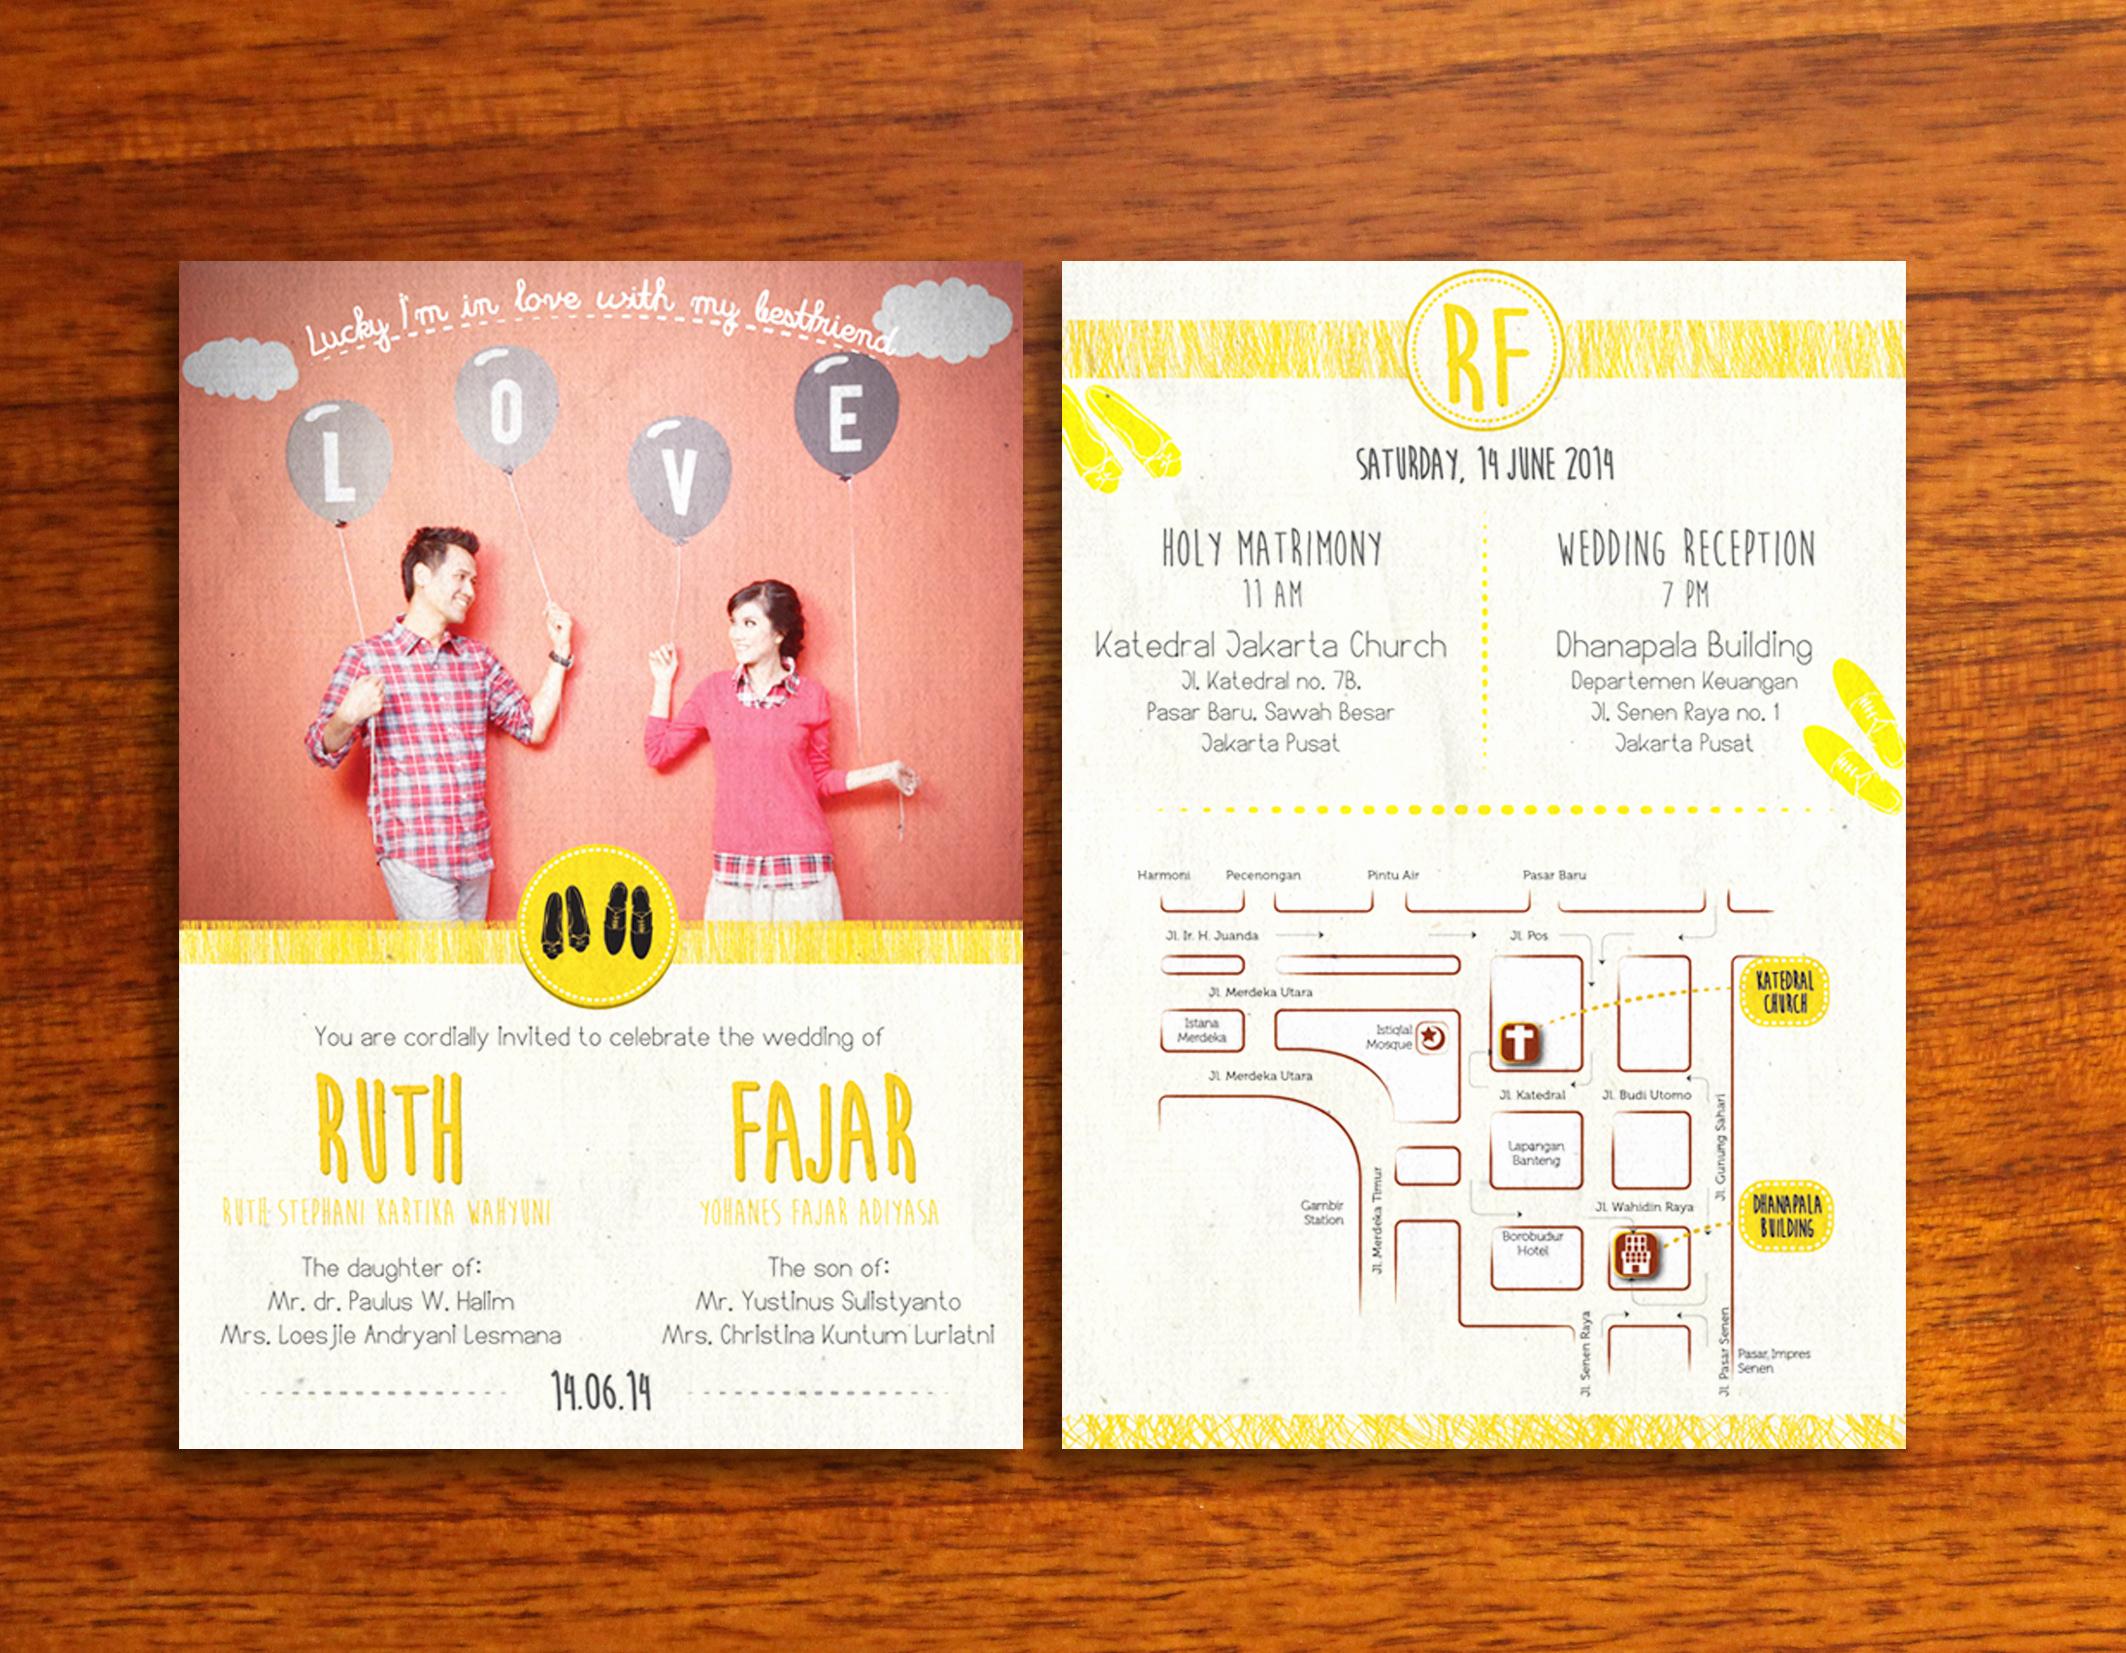 Wedding Invitation Graphic Design Beautiful Prints – Rarirurero Design